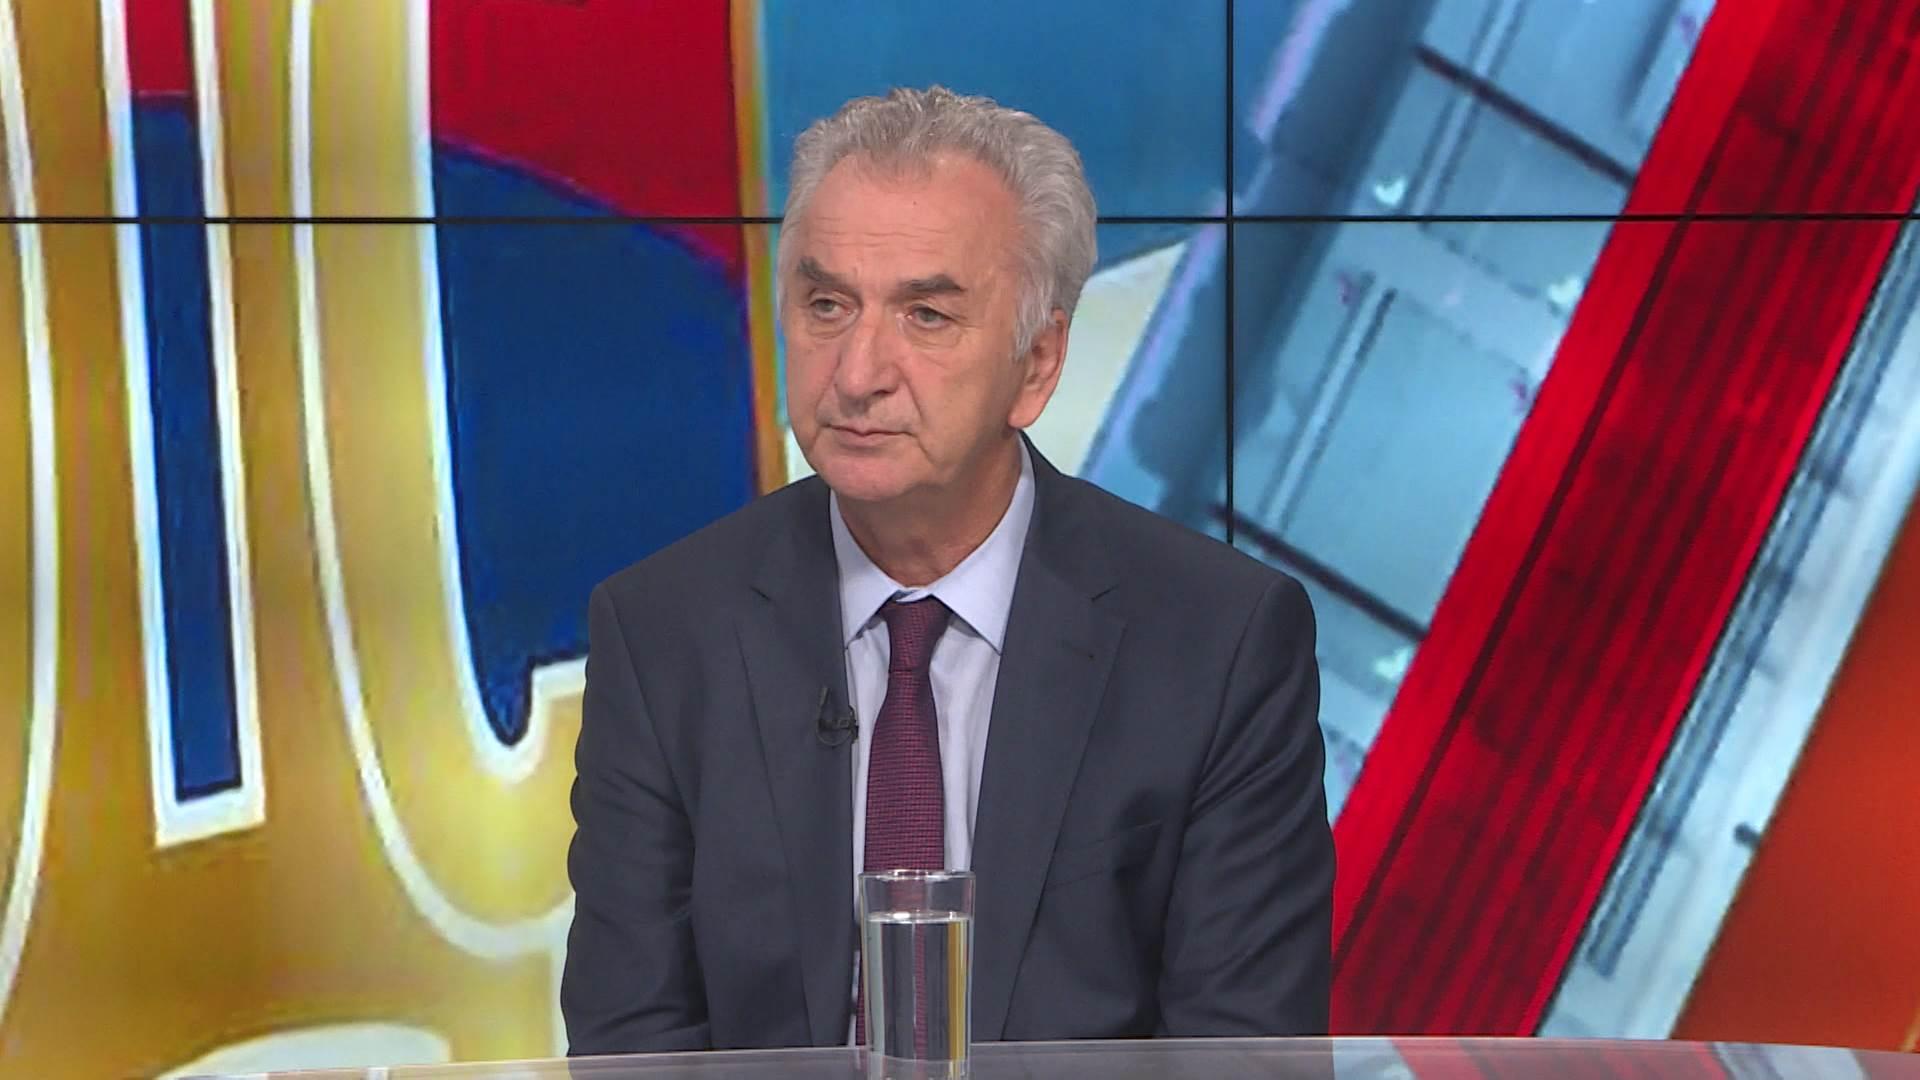 Mirko Šarović donirao cijelu parlamentarnu platu bolnici u Istočnom Sarajevu